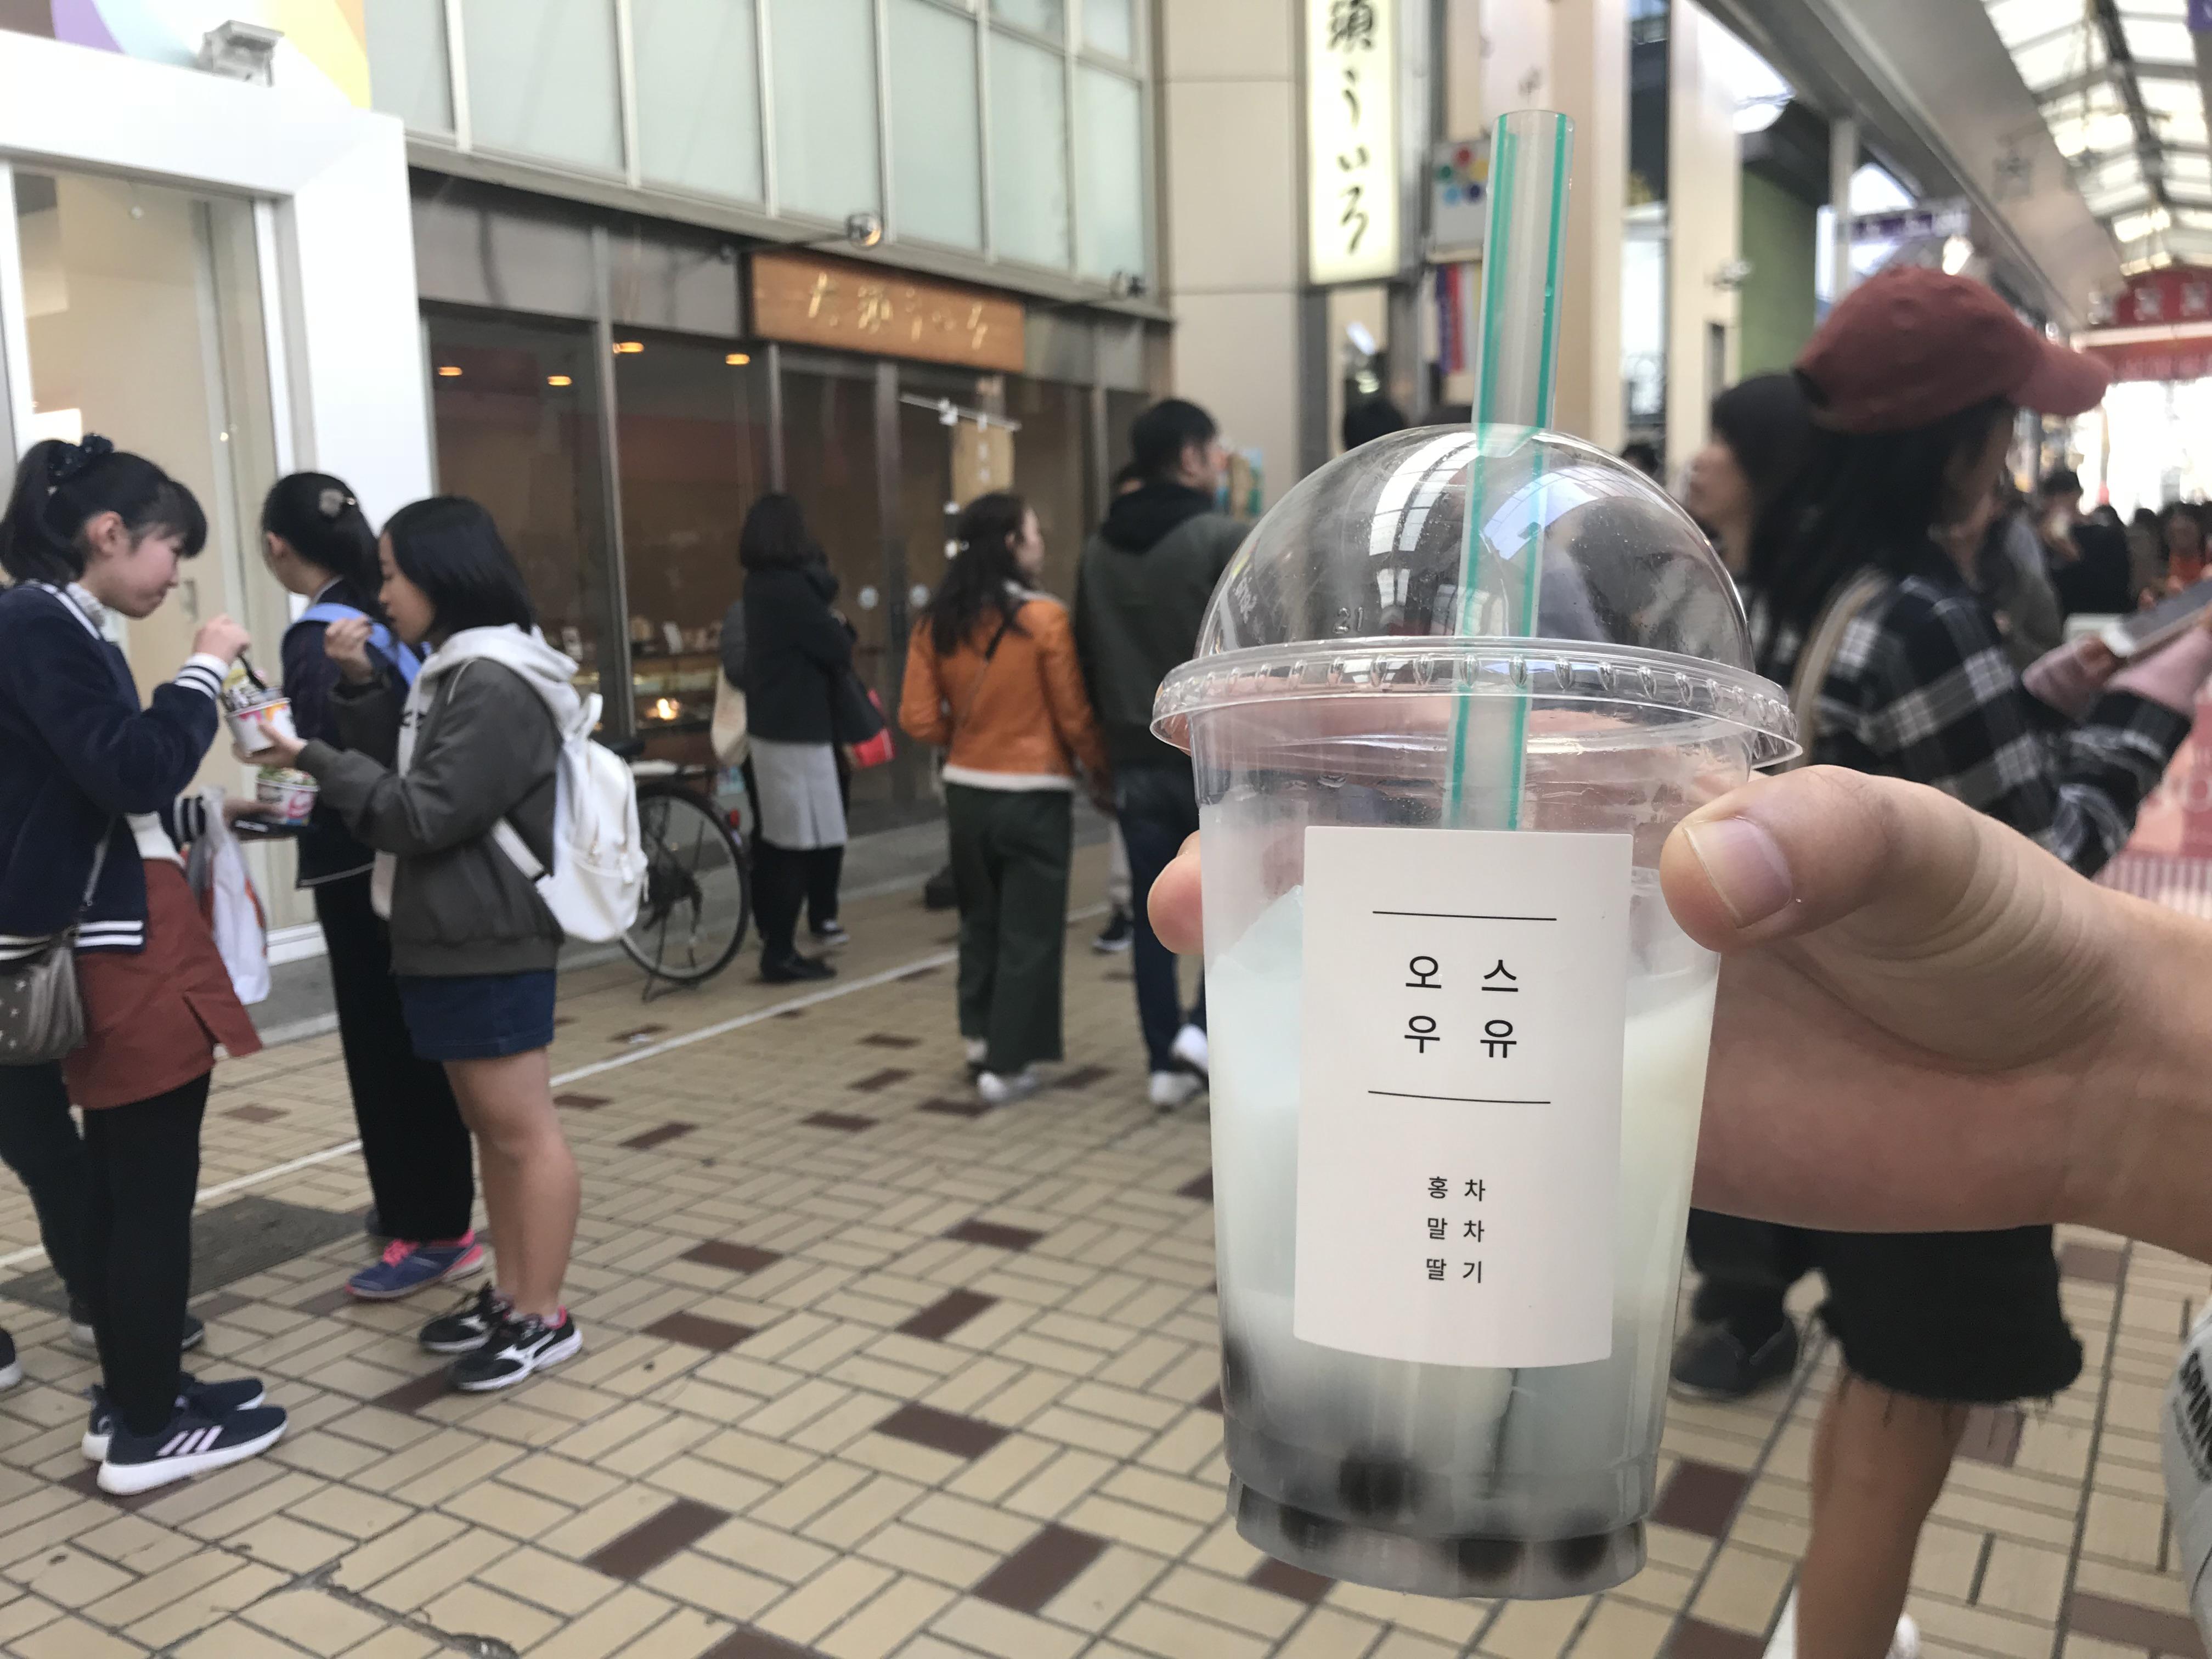 新・大須の食べ歩きメニュー!韓国で人気の「オオスウユ」を飲むなら『Tappy』で - IMG 3320